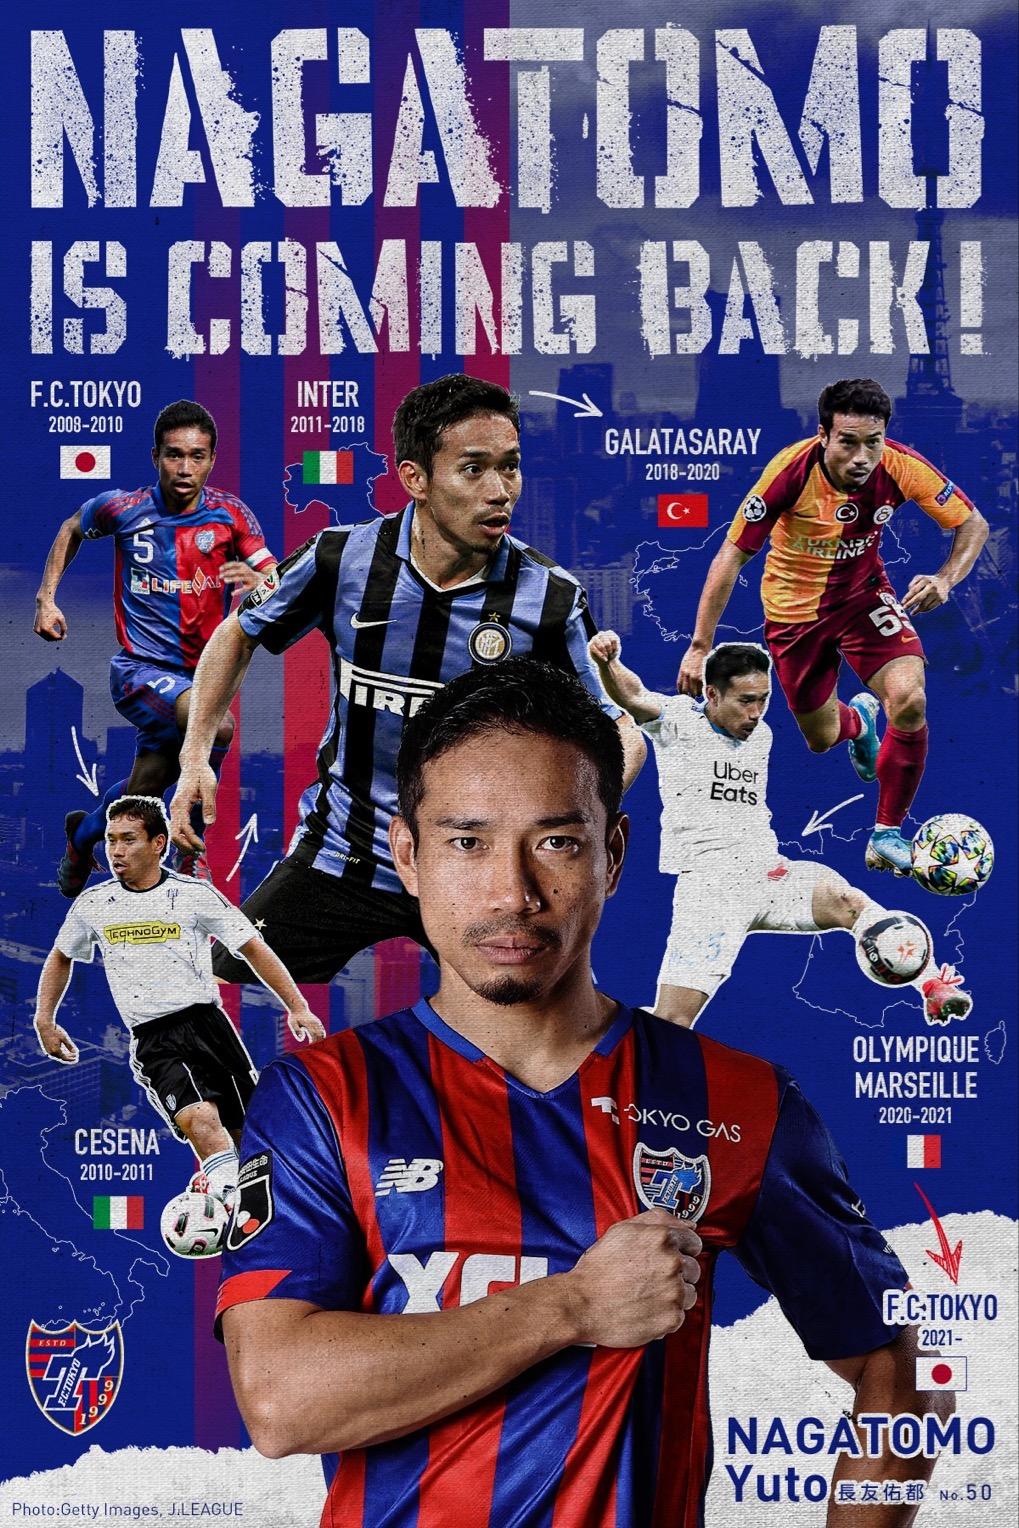 ซามูไรกลับถิ่น! เอฟซี โตเกียวเซ็นฟรี นางาโตโมะ กลับทีม